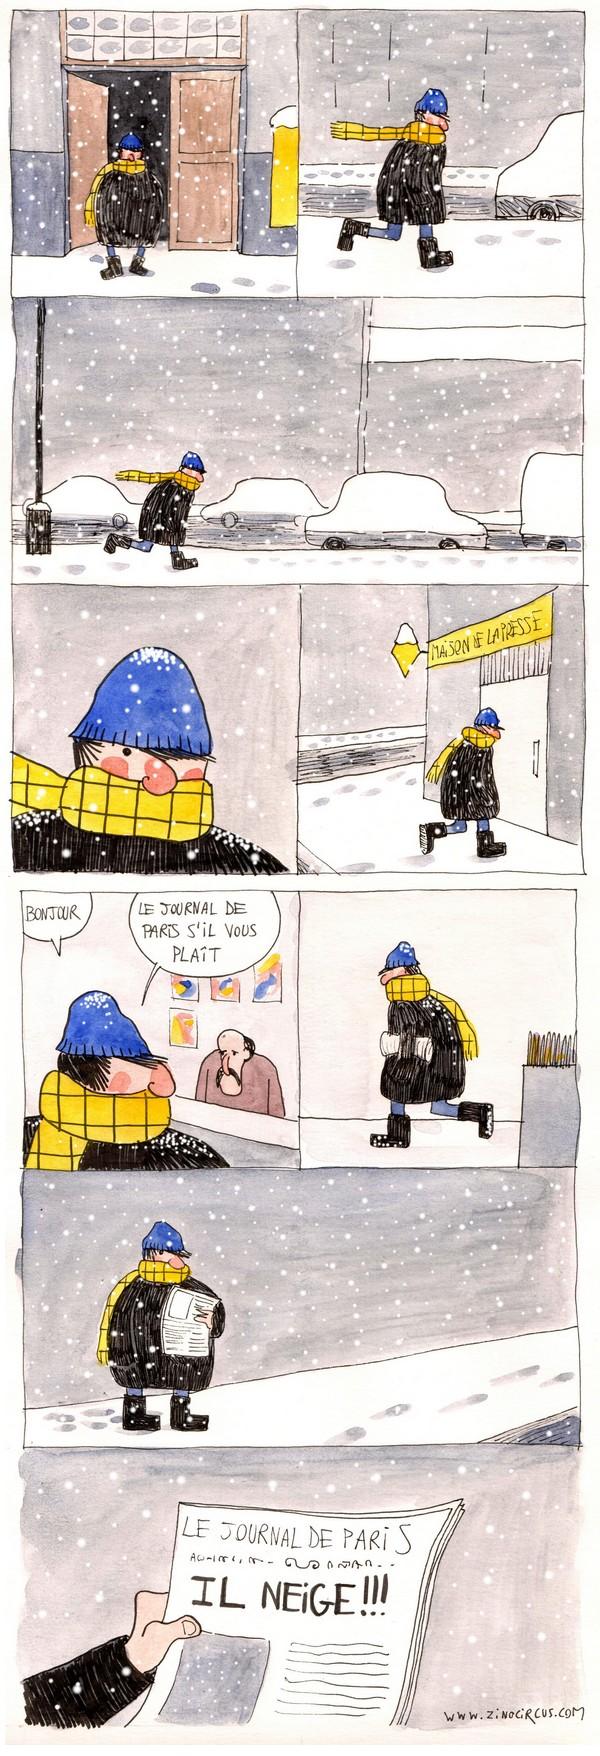 Normalement, une bande dessinée à prétentions humoristique devrait s'afficher à cet endroit.